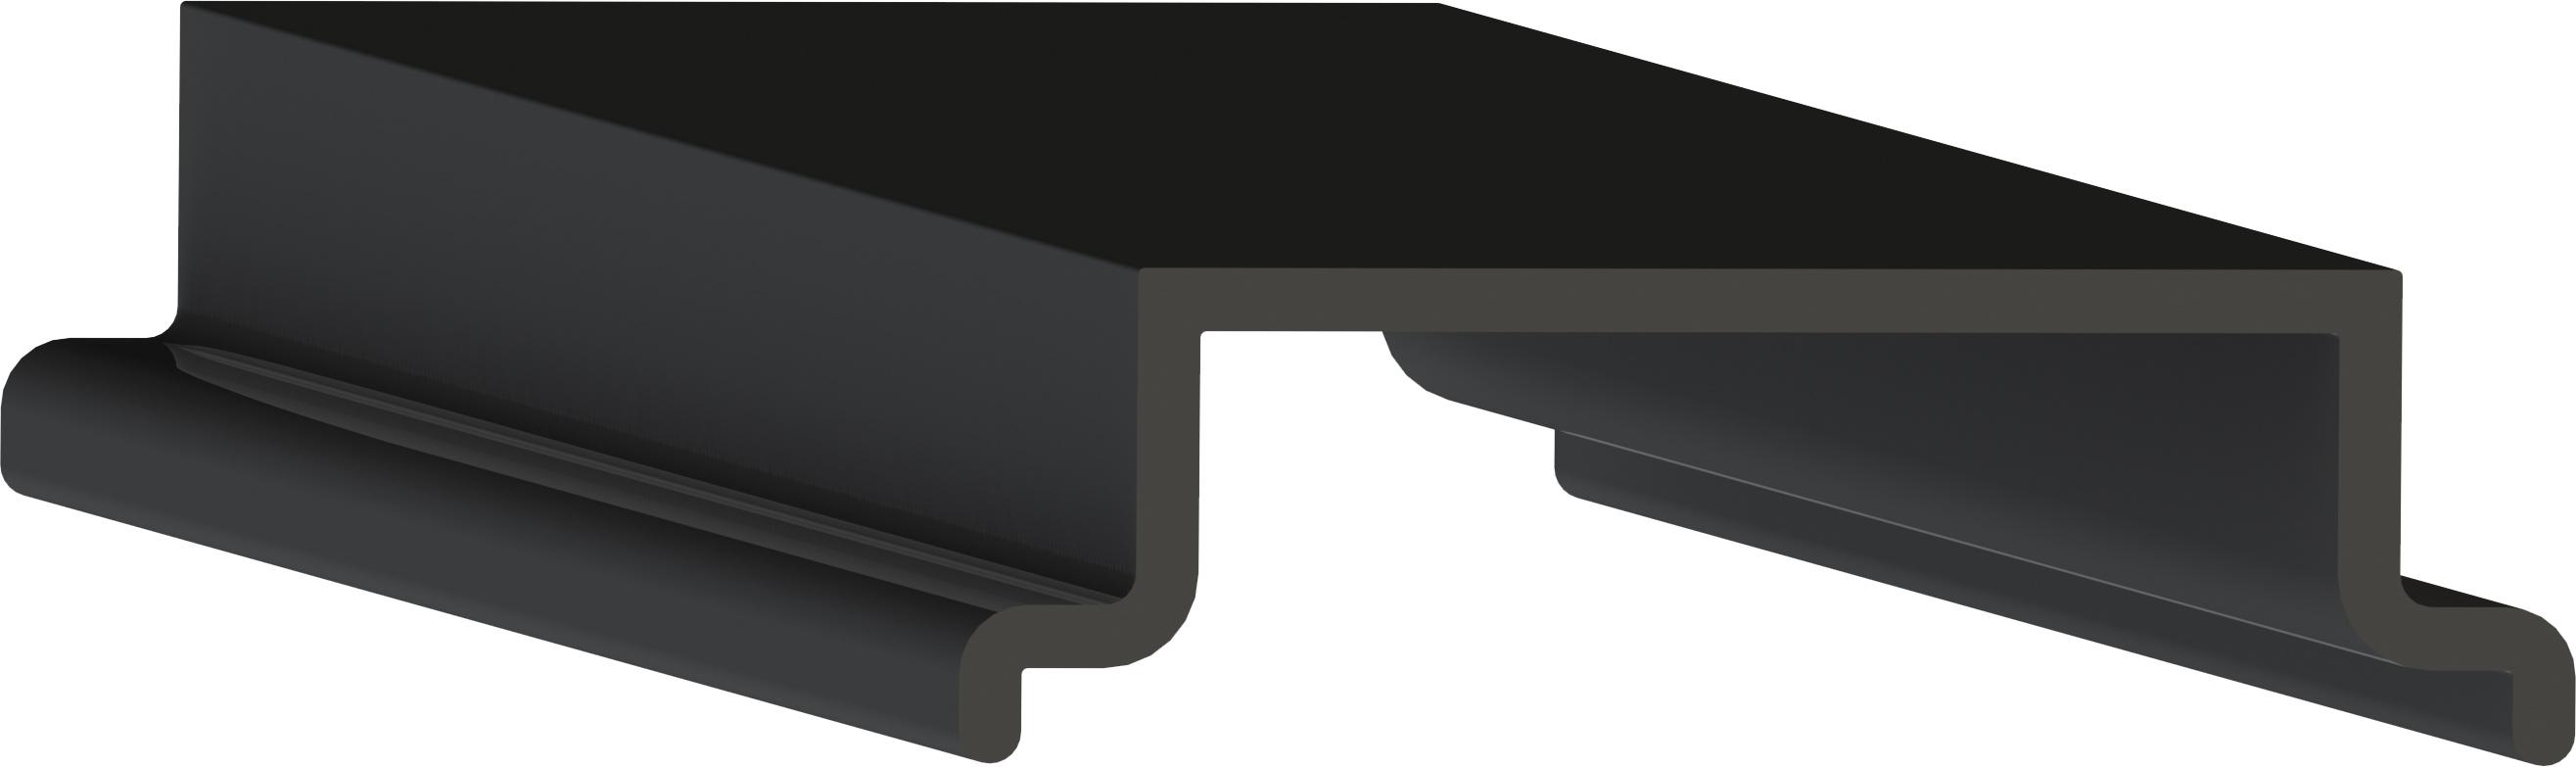 fano wpc i sichtschutz nutleiste der boden online shop aus sterreich. Black Bedroom Furniture Sets. Home Design Ideas